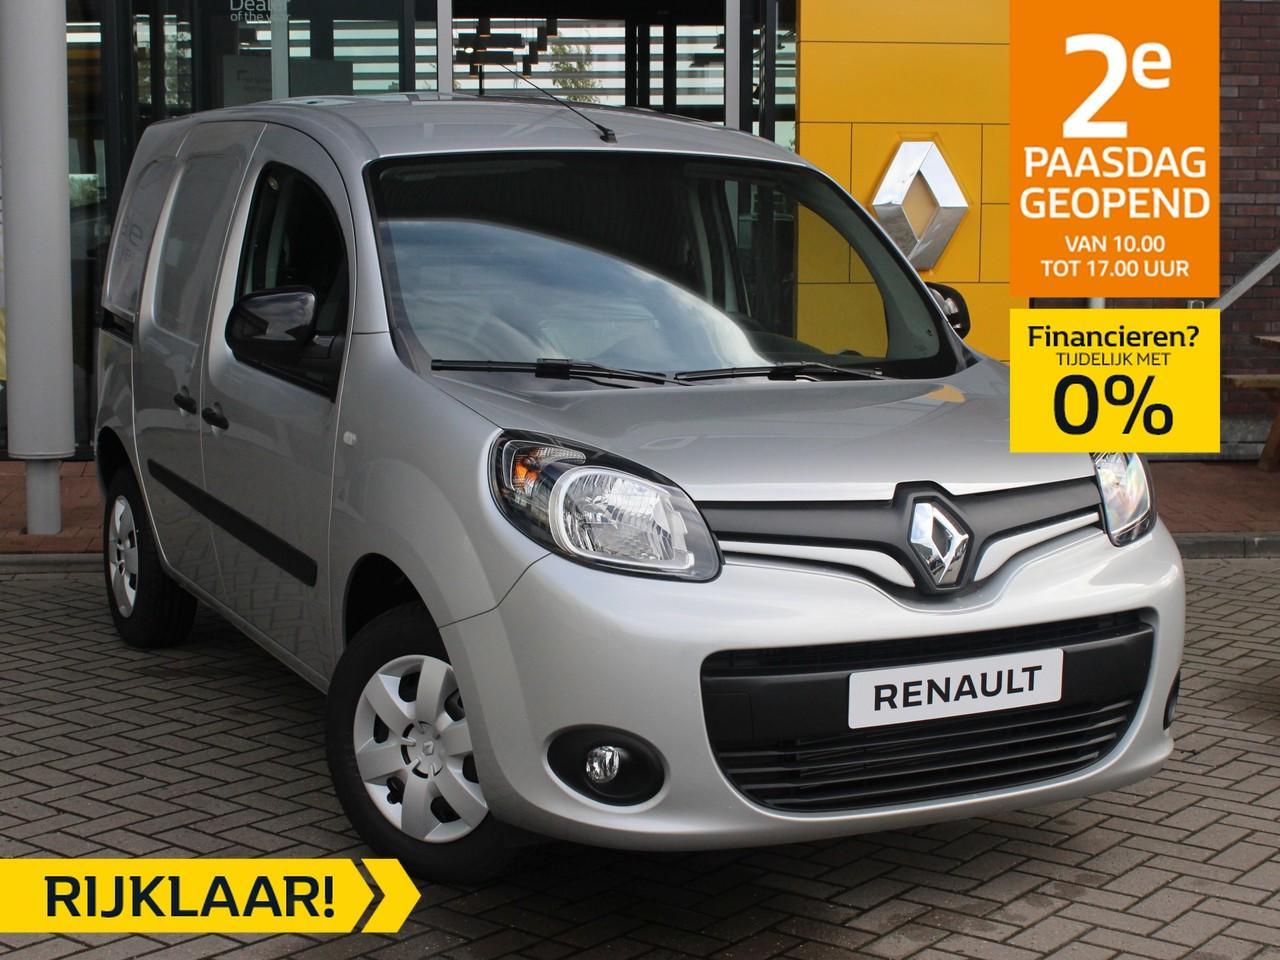 Renault Kangoo Express 1.5 dci 90 express work edition normaal rijklaar 17.475,- nu 13.325,-